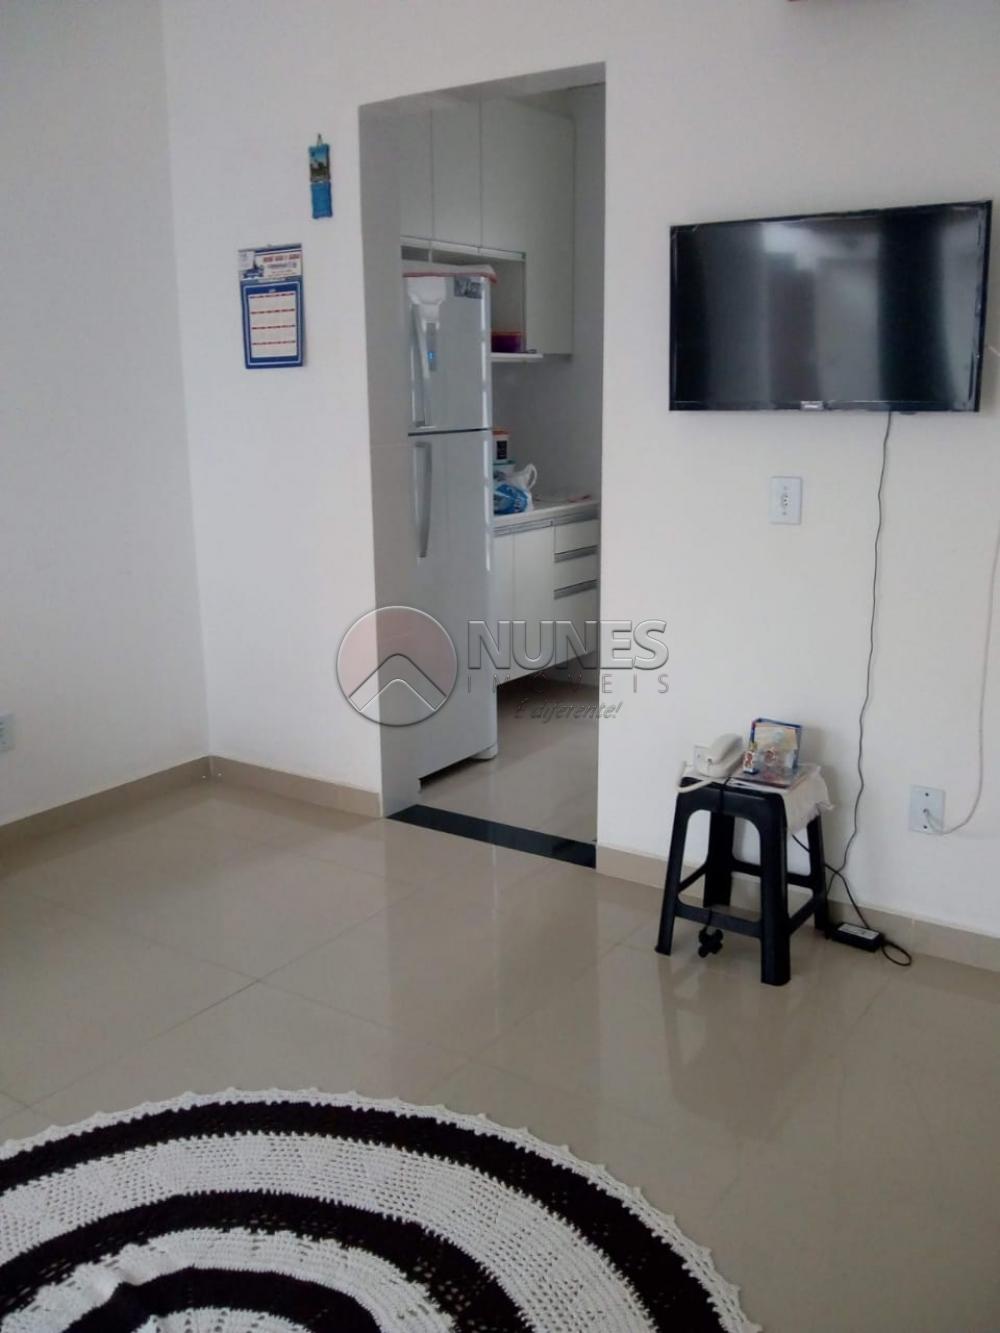 Comprar Casa / Sobrado em Condominio em Cotia apenas R$ 166.000,00 - Foto 4